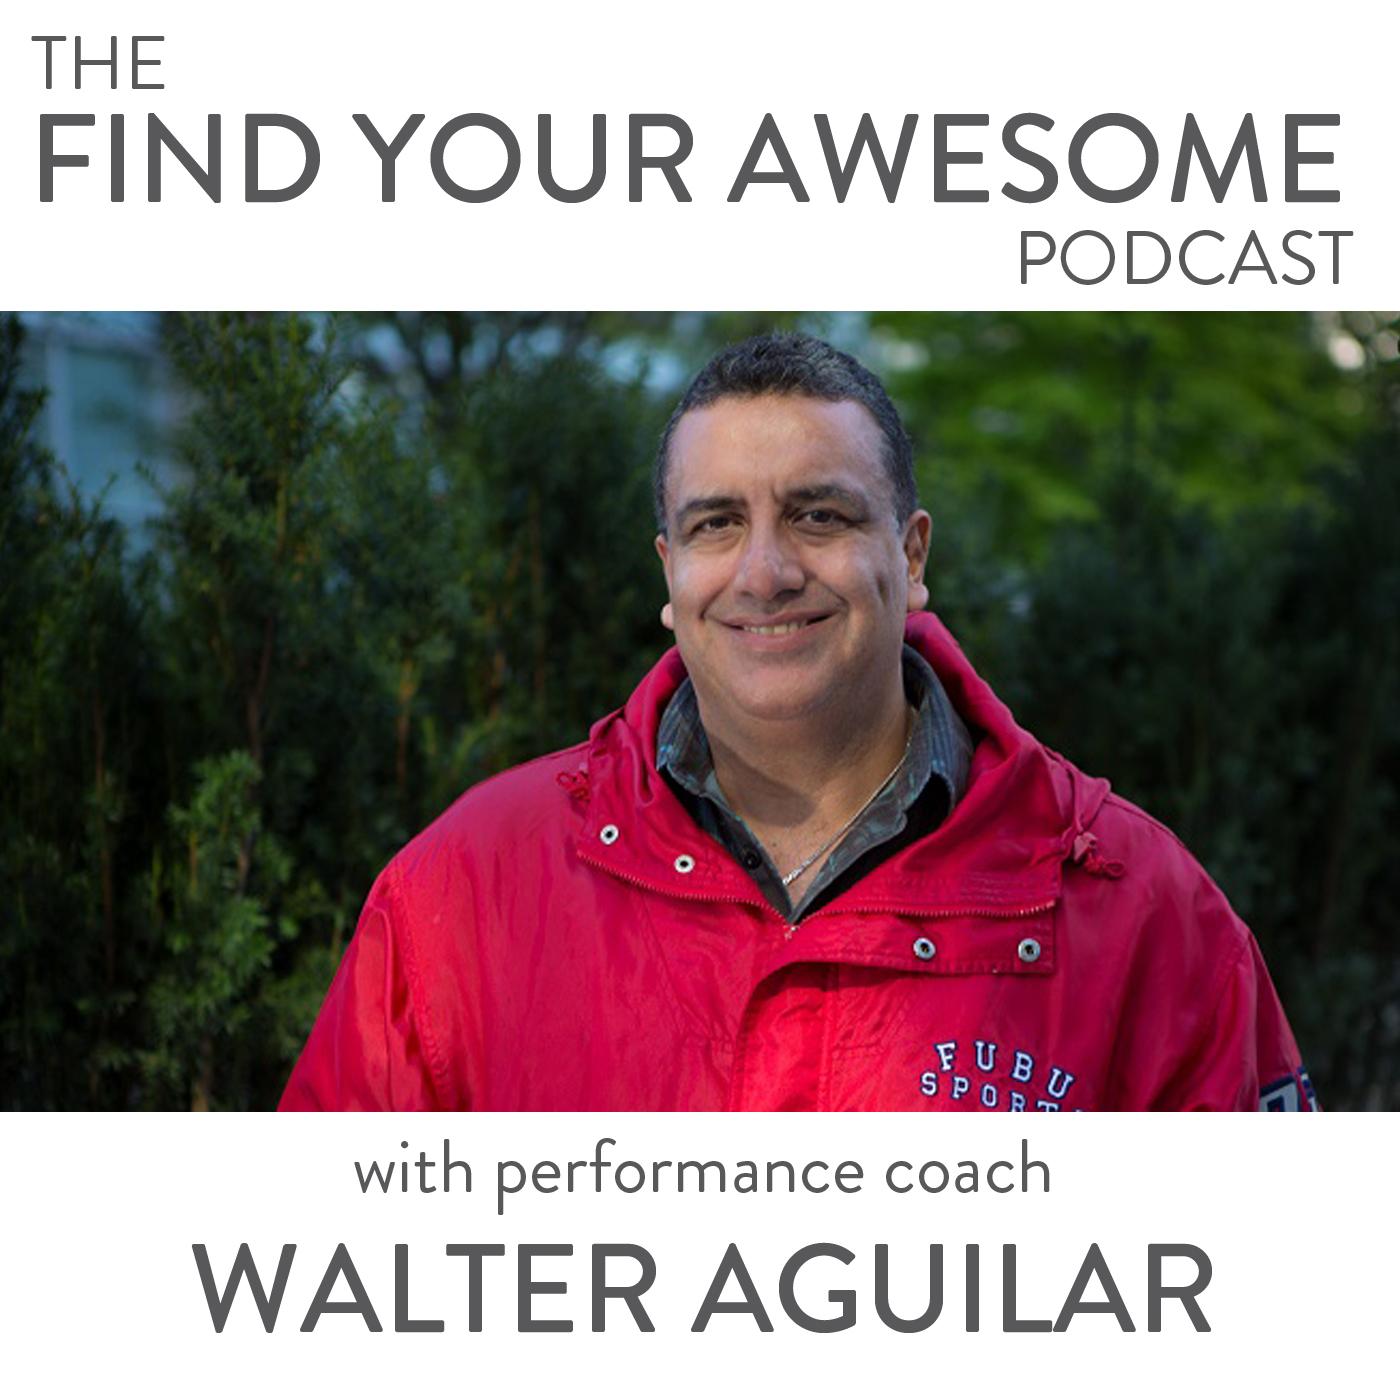 WalterAguilar_podcast_coverart.jpg